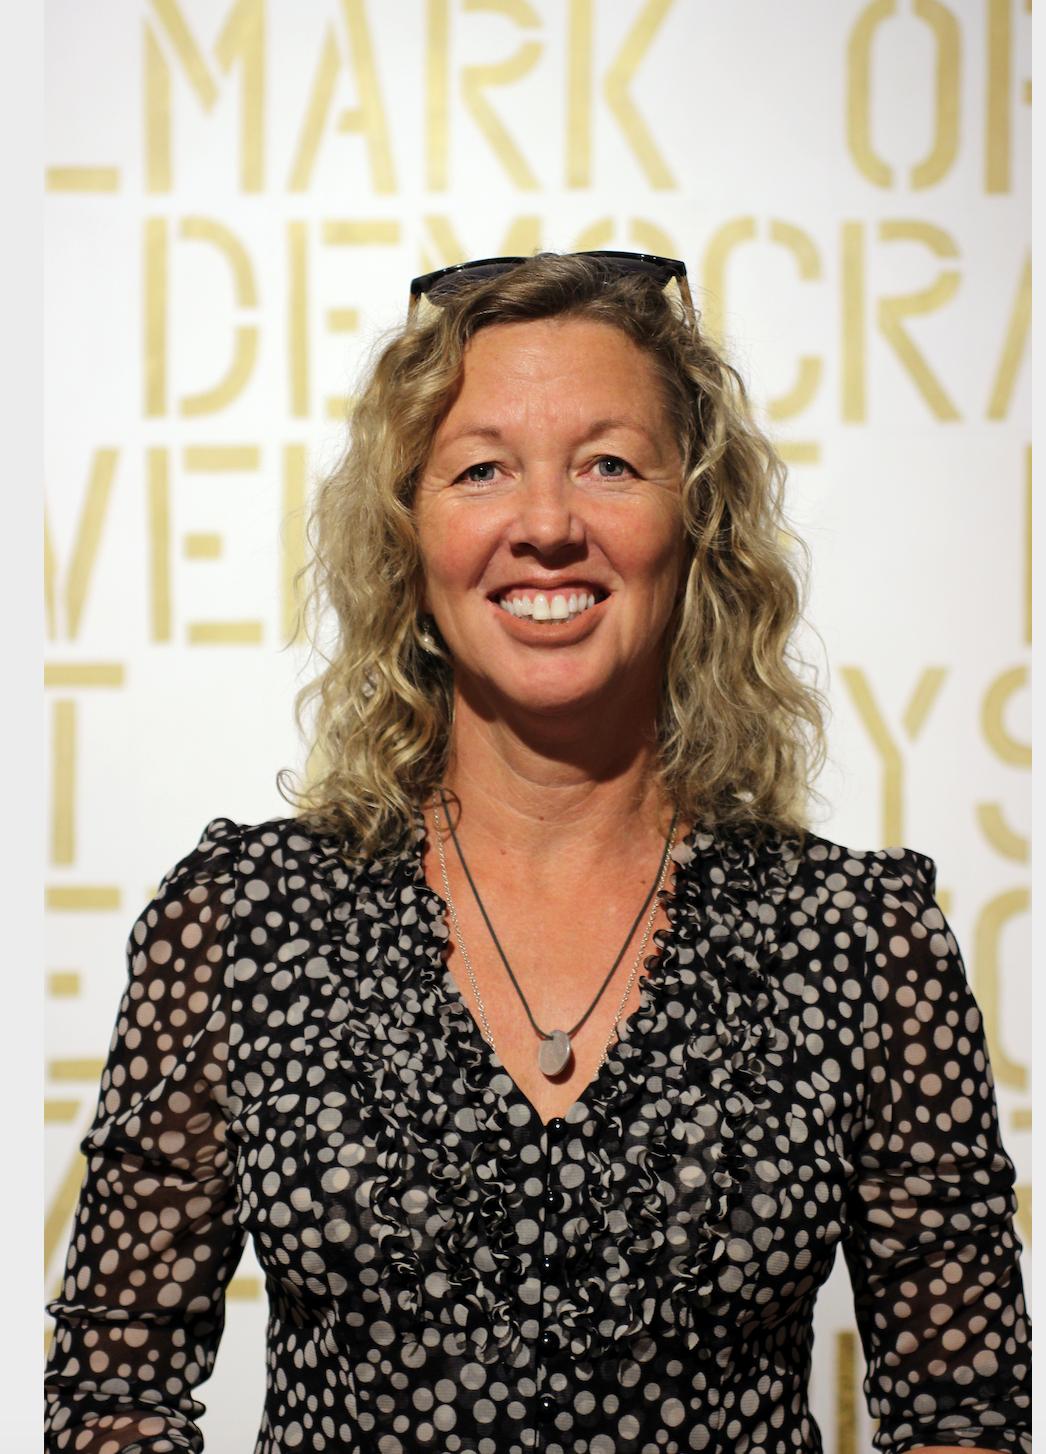 Jen Wiebe